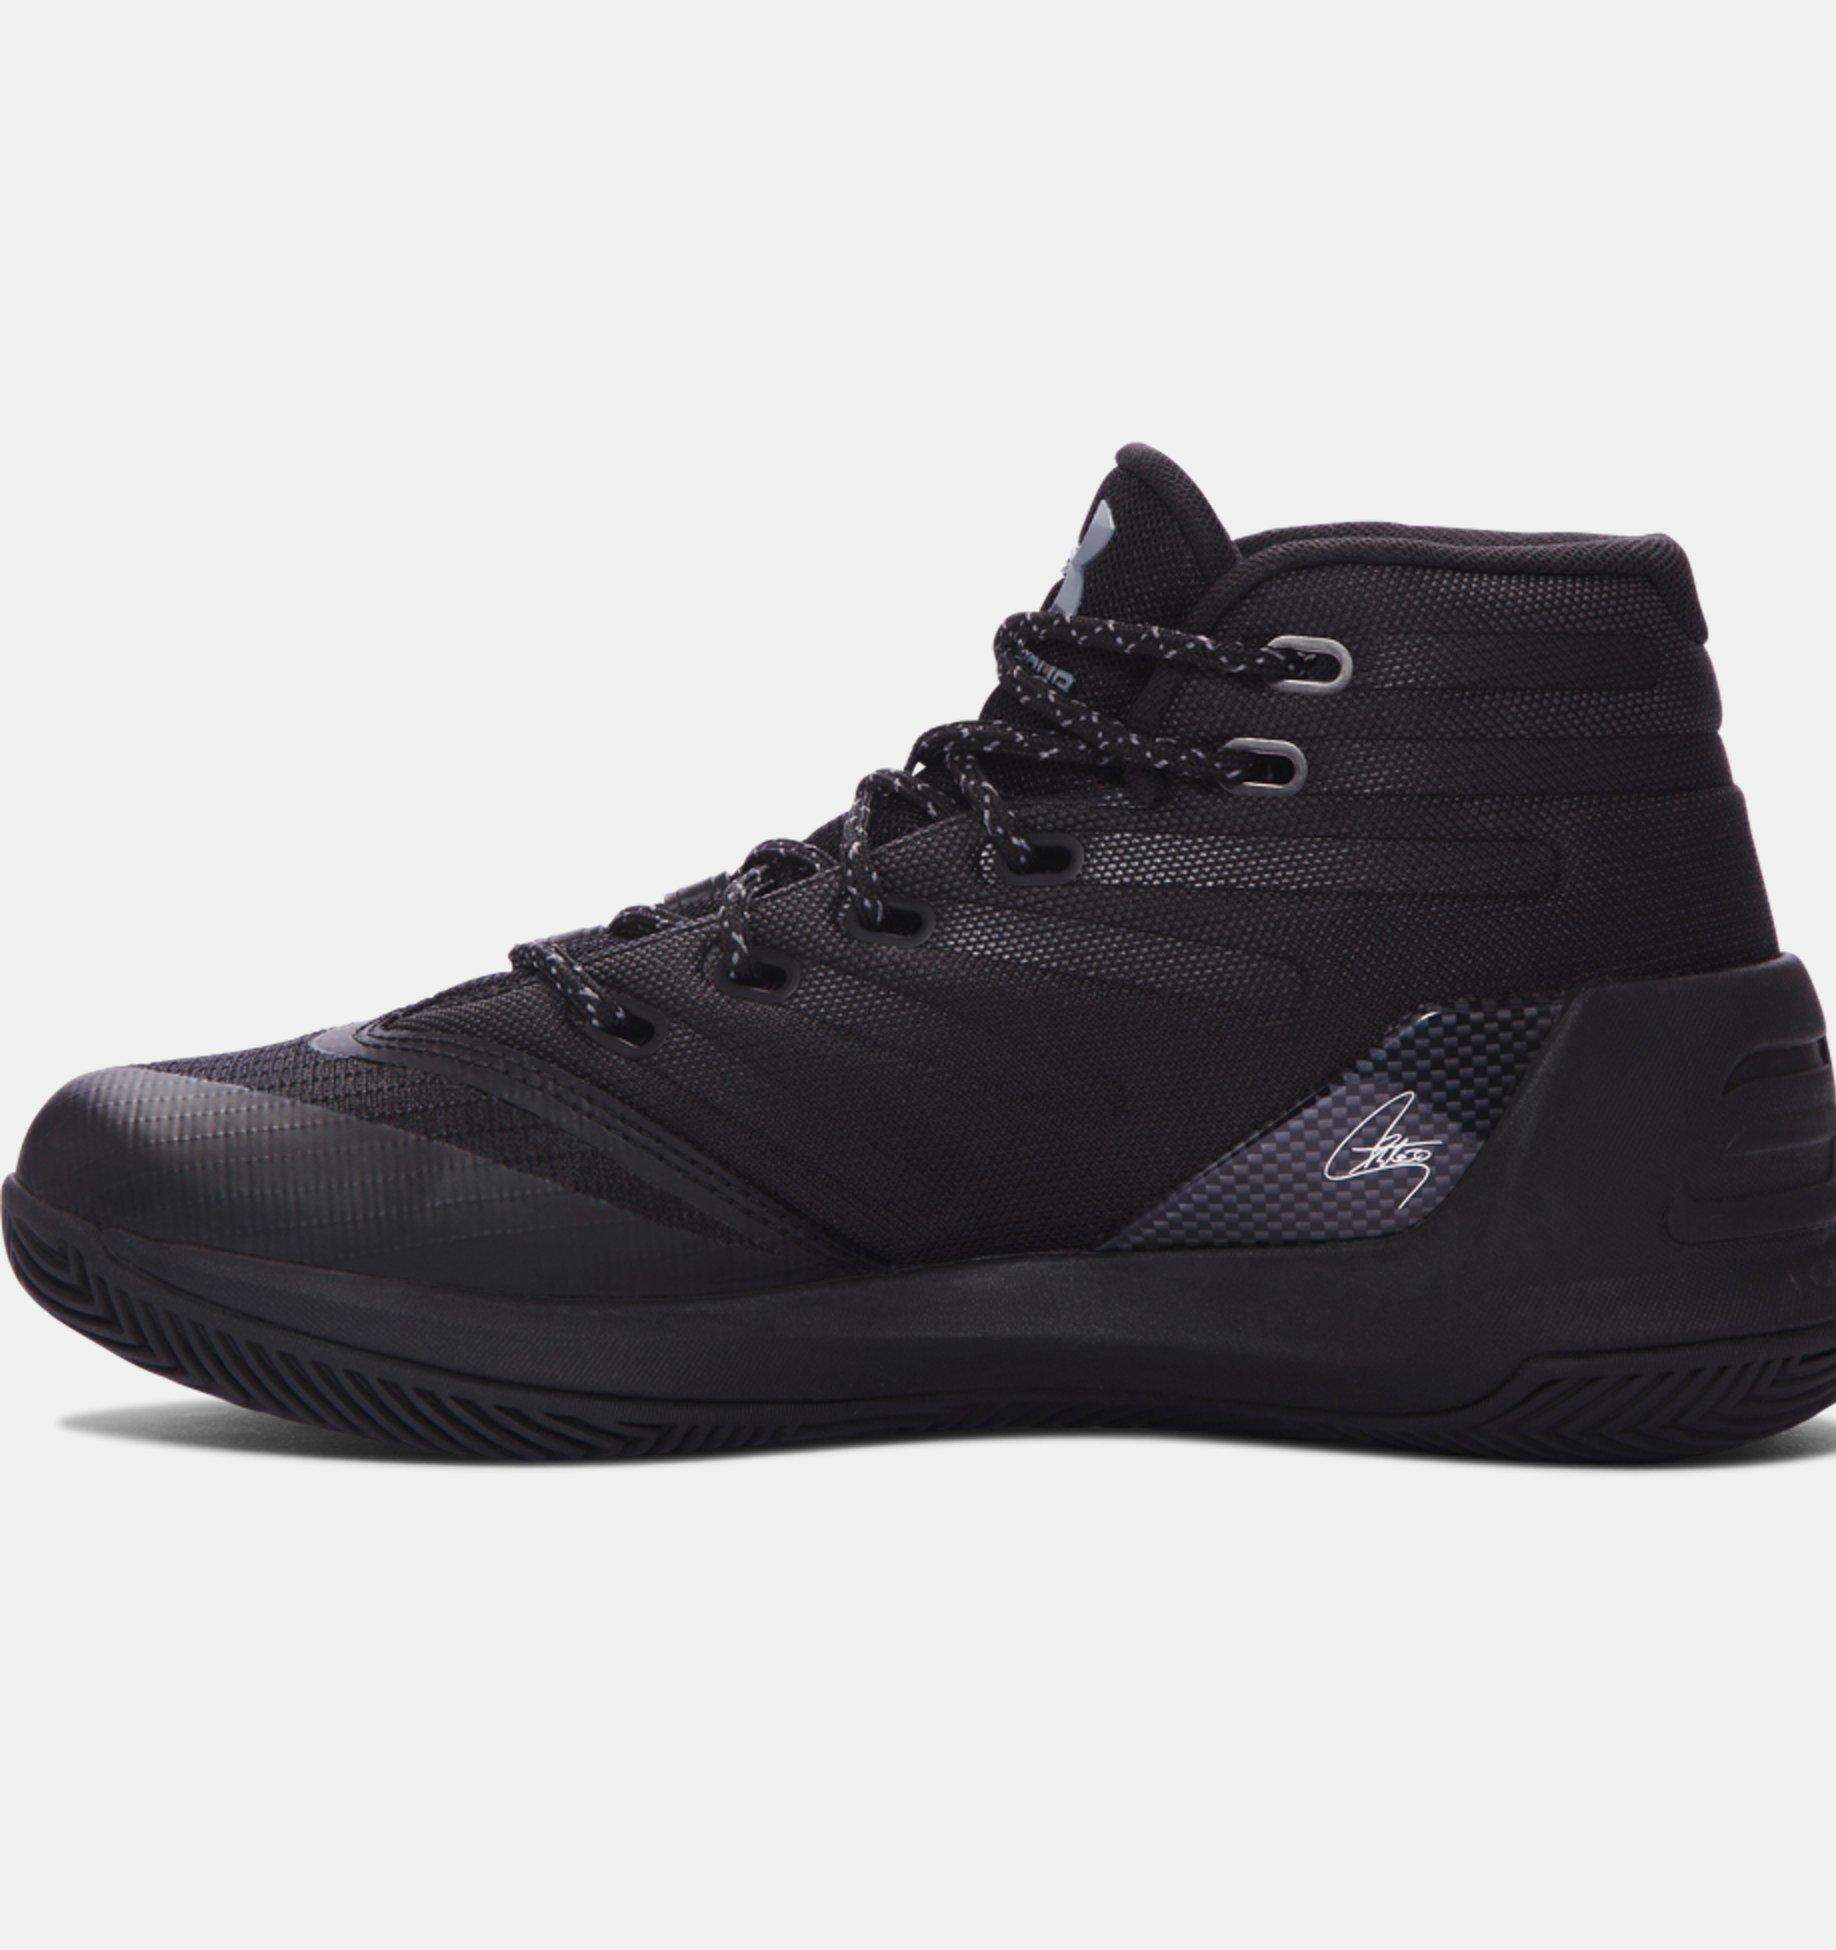 a2284c3a488e ... Boys  Grade School UA Curry 3 Basketball Shoes ...